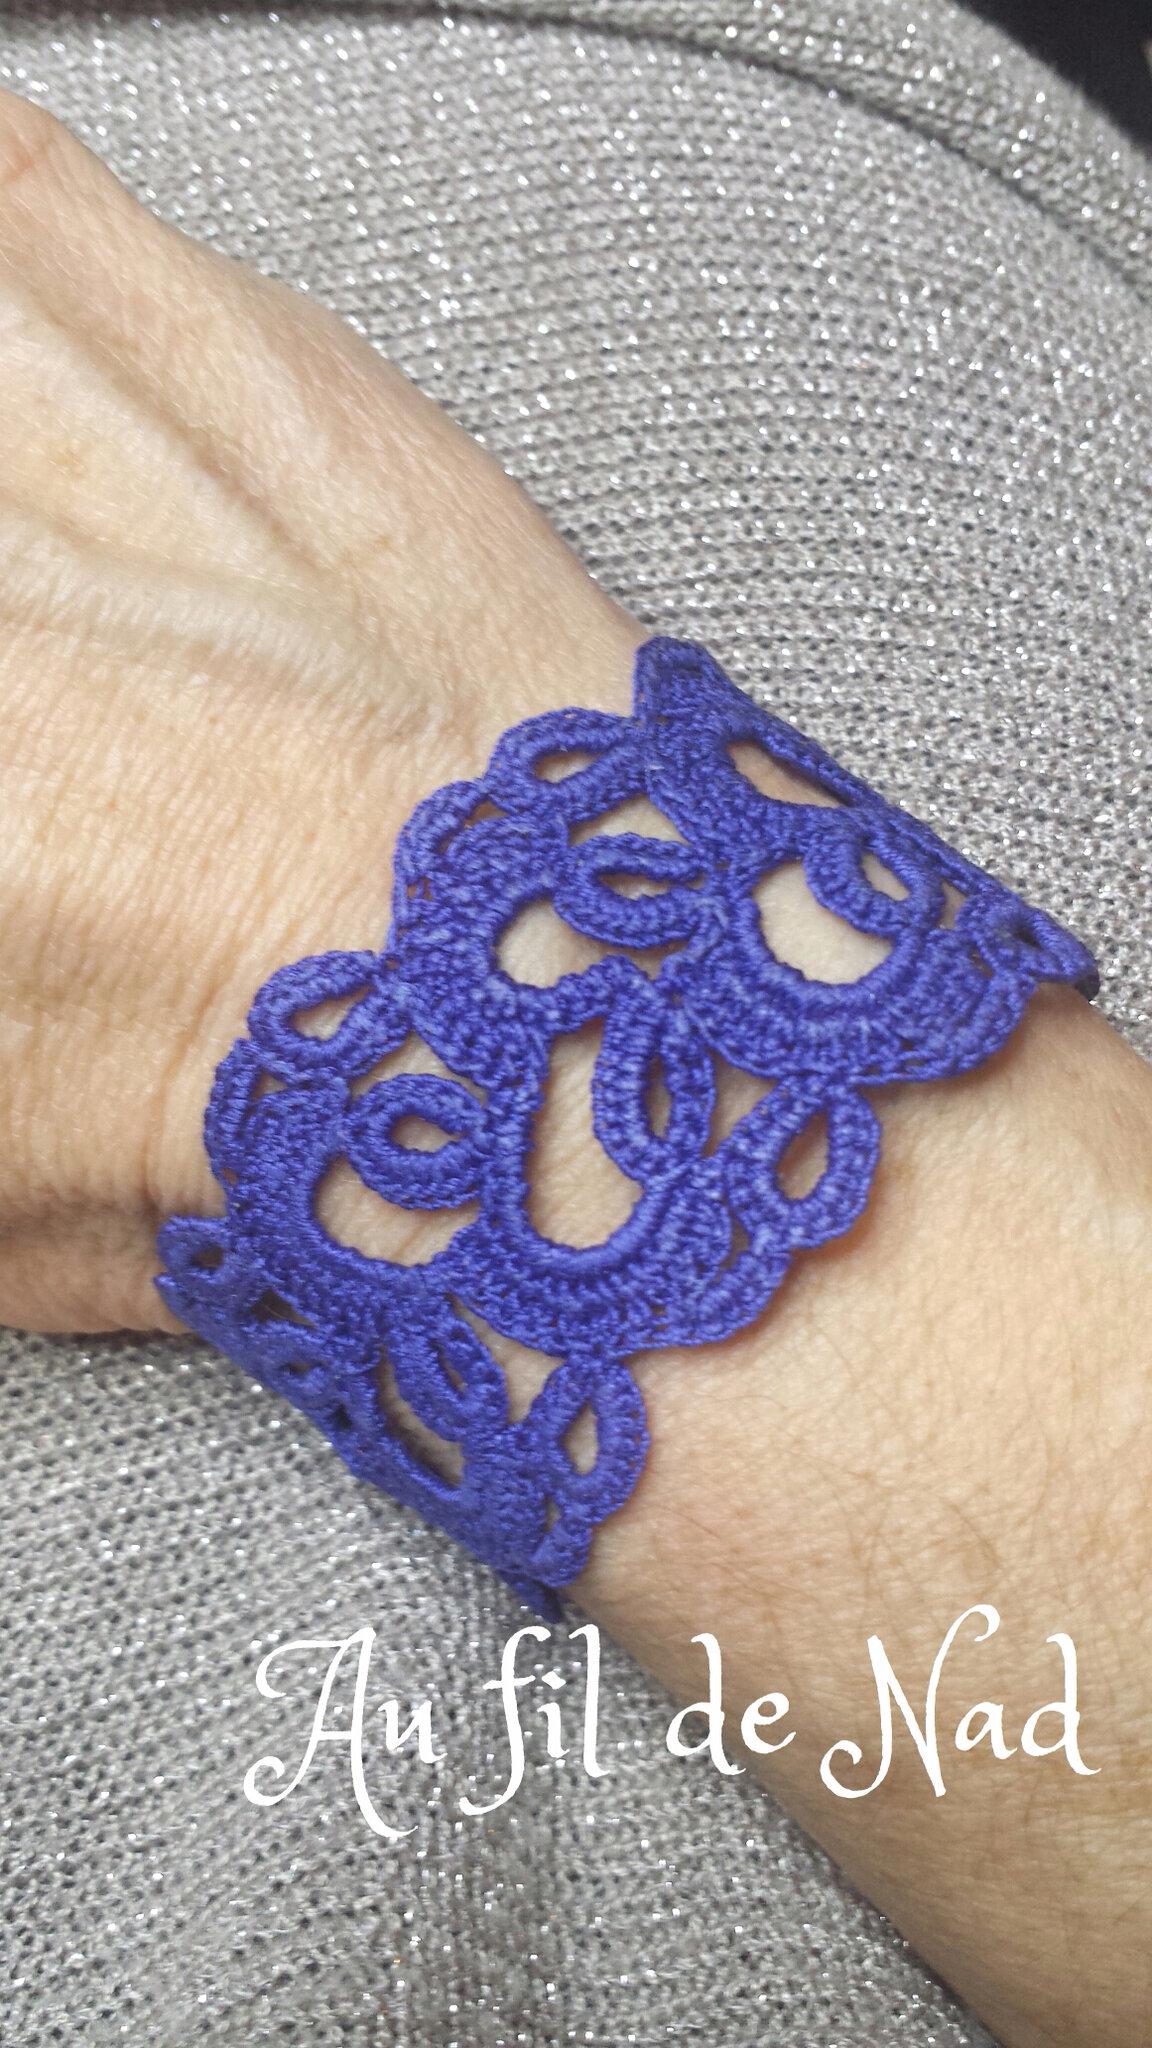 Bracelet en dentelle crochet bleu